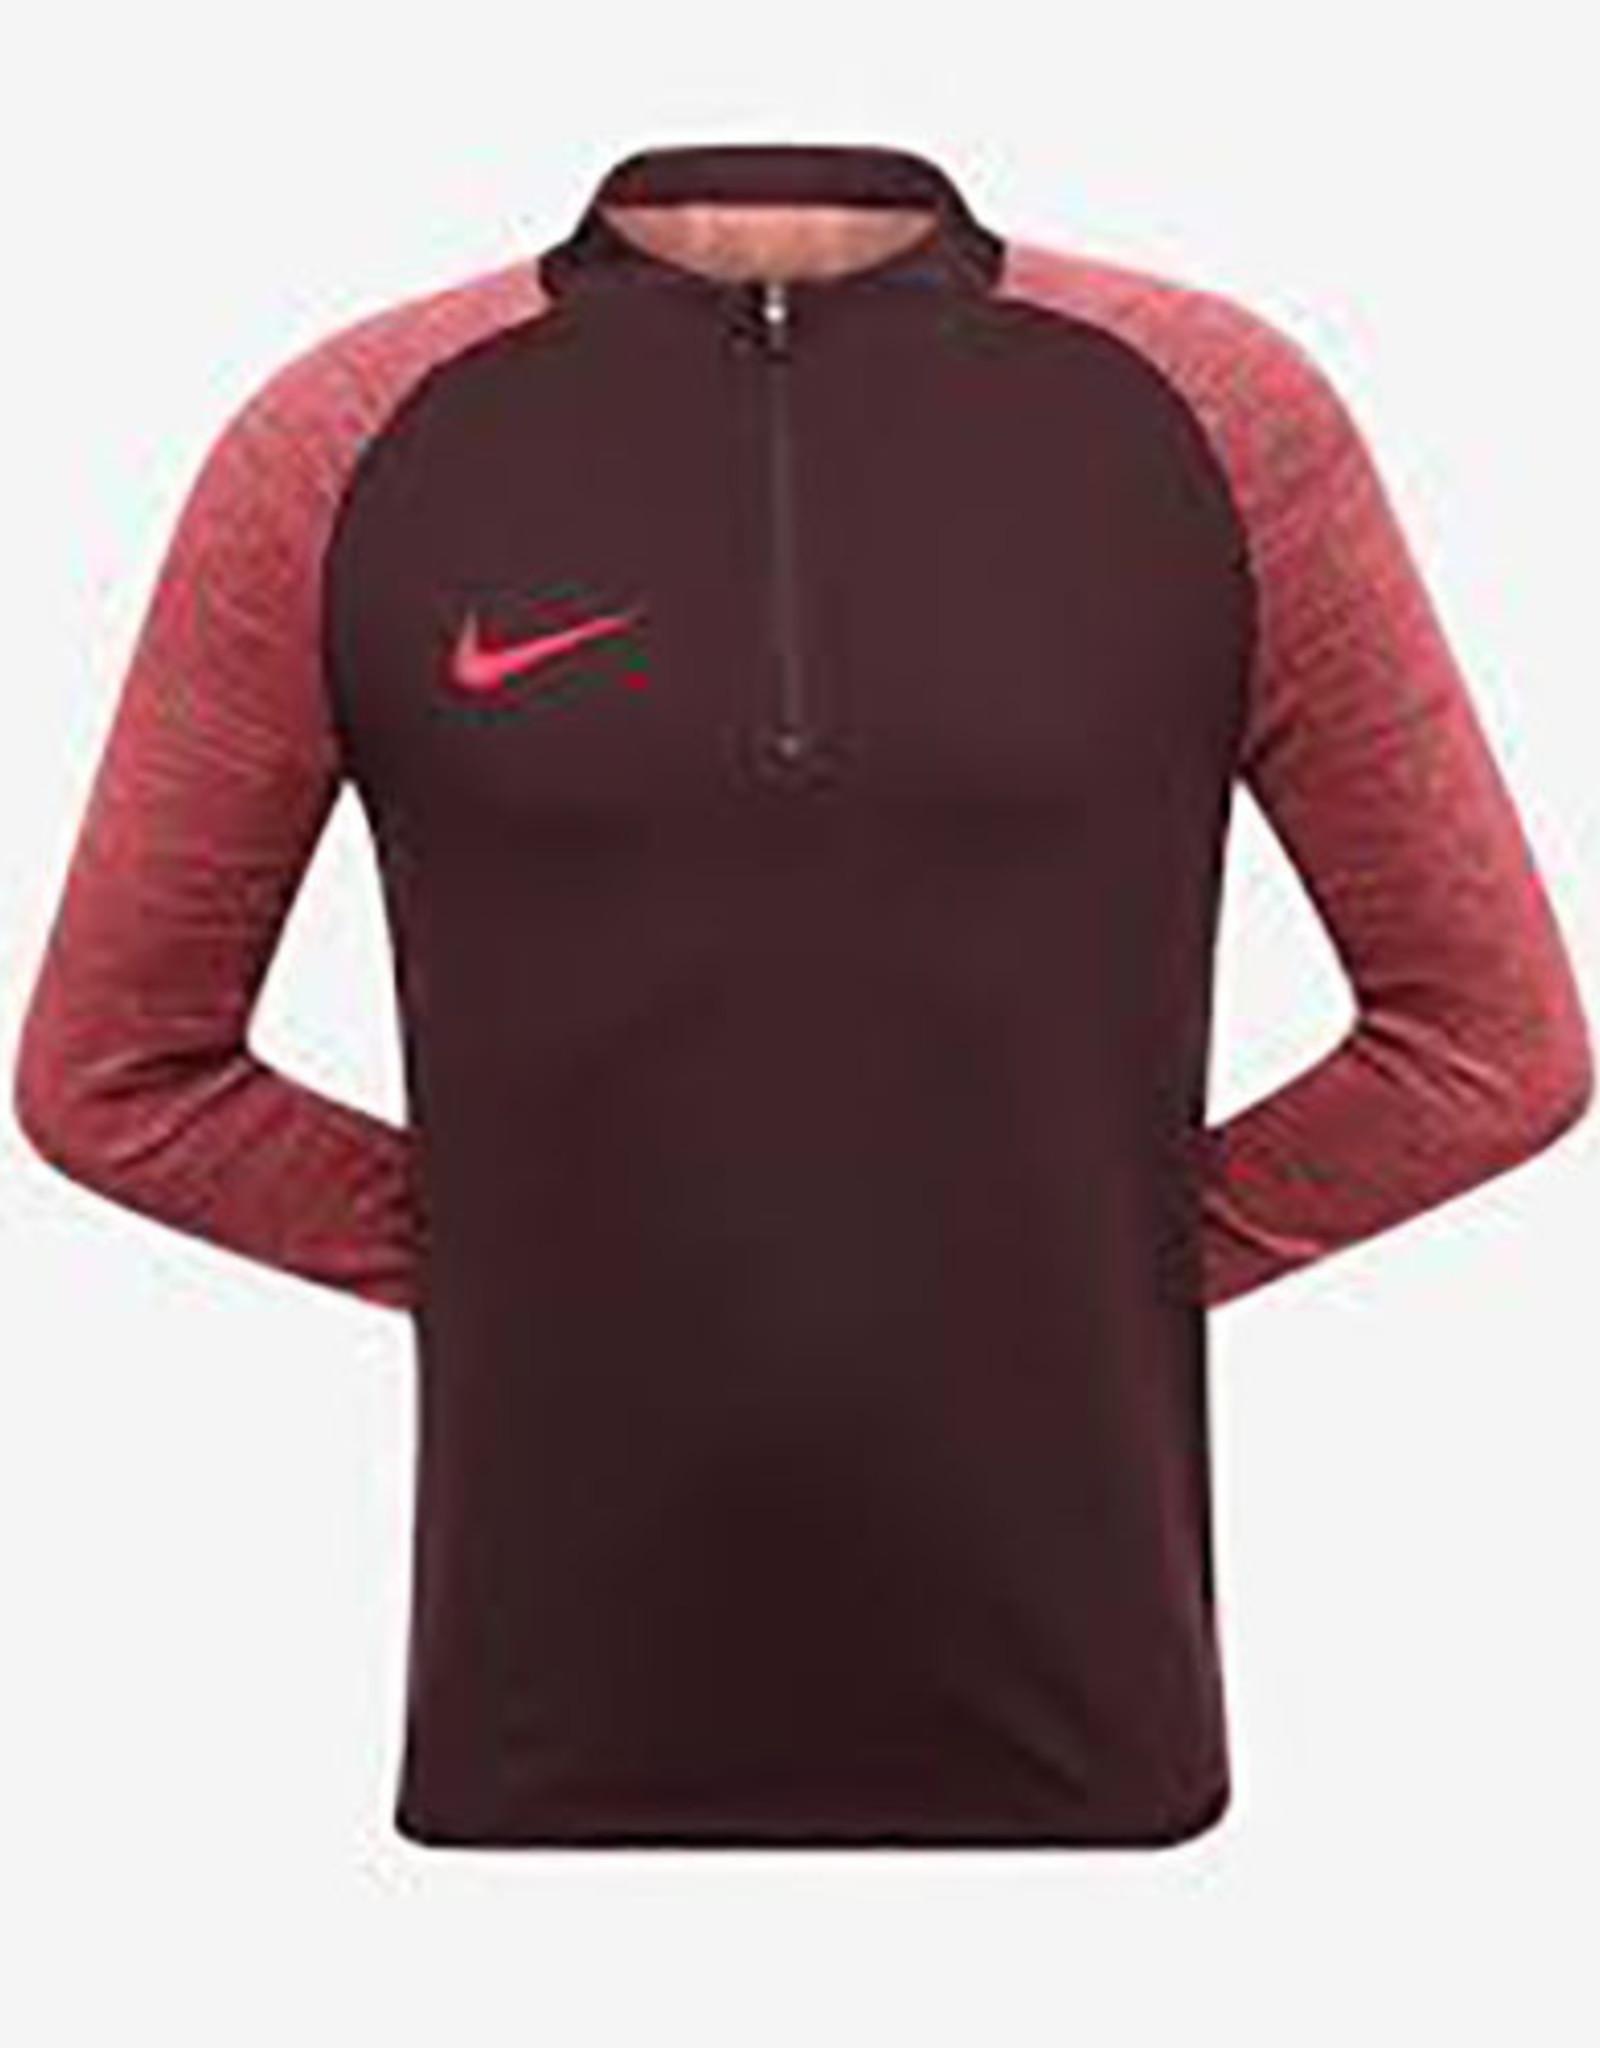 Nike nike ziptop at5893